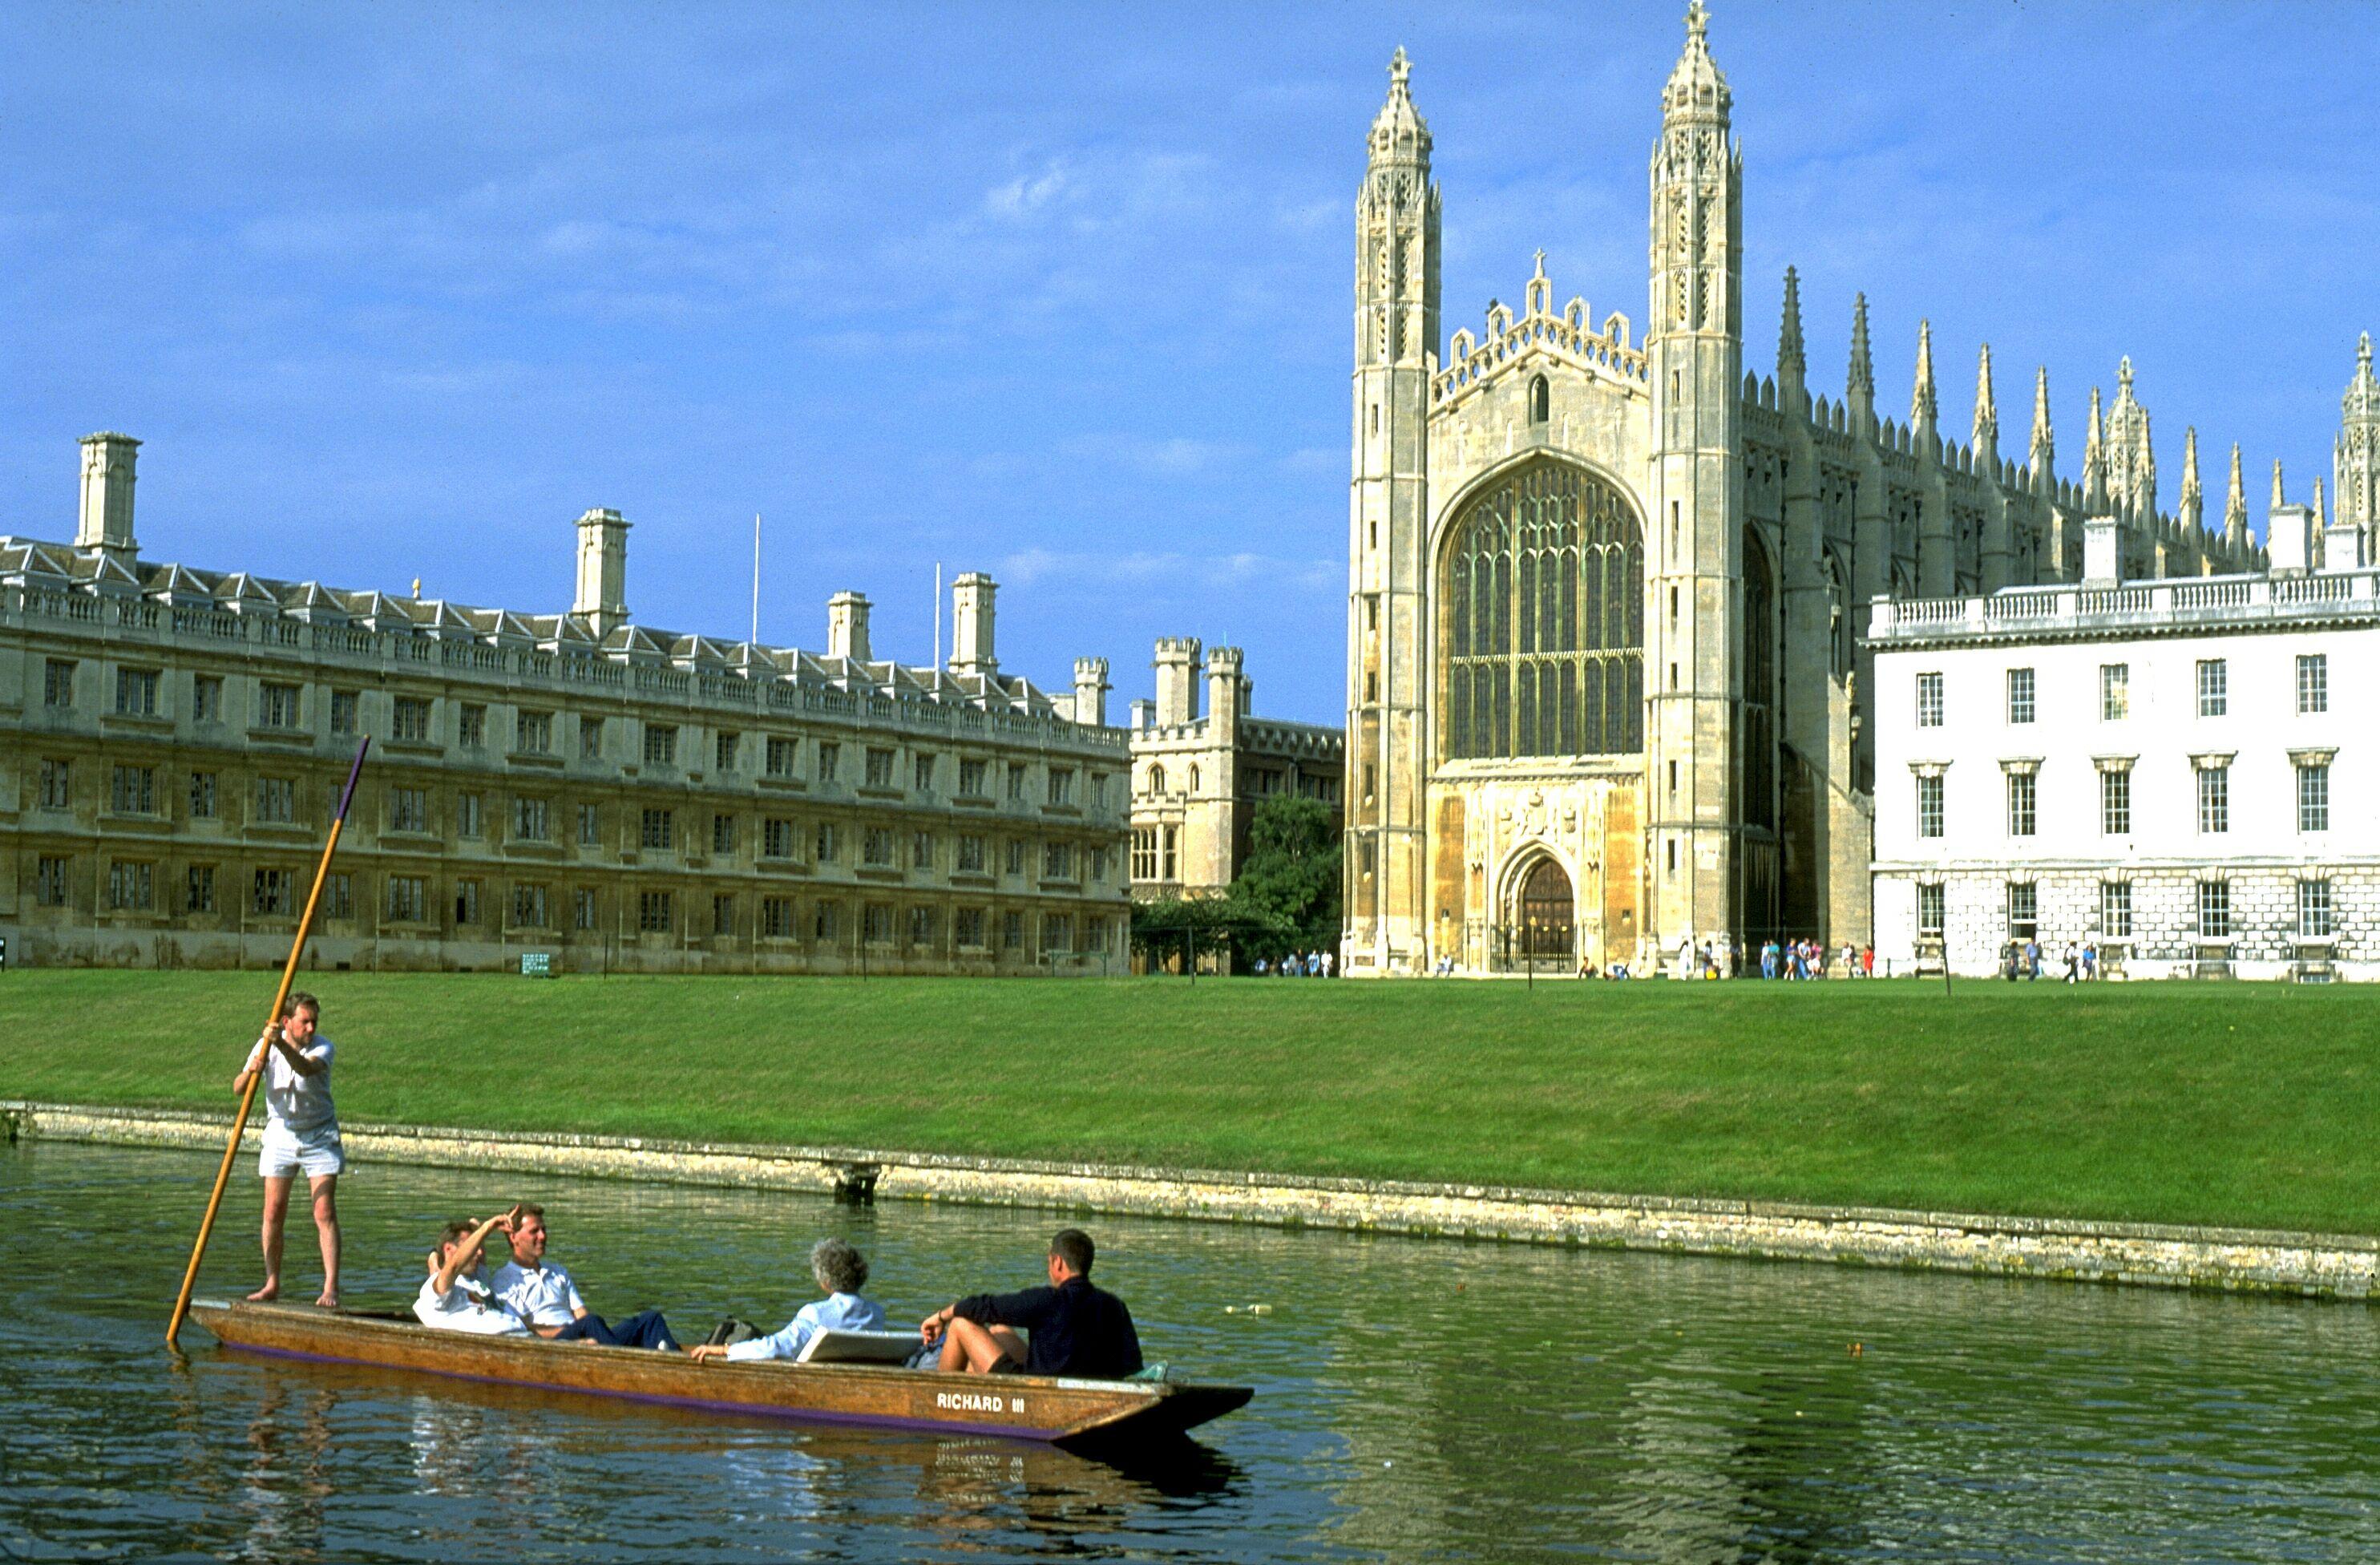 Storbritannien er ikke kun London, landet har meget andet at byde på. Her er det Cambridge, en af de berømte universitetsbyer uden for den britiske hovedstad. Arkivfoto.